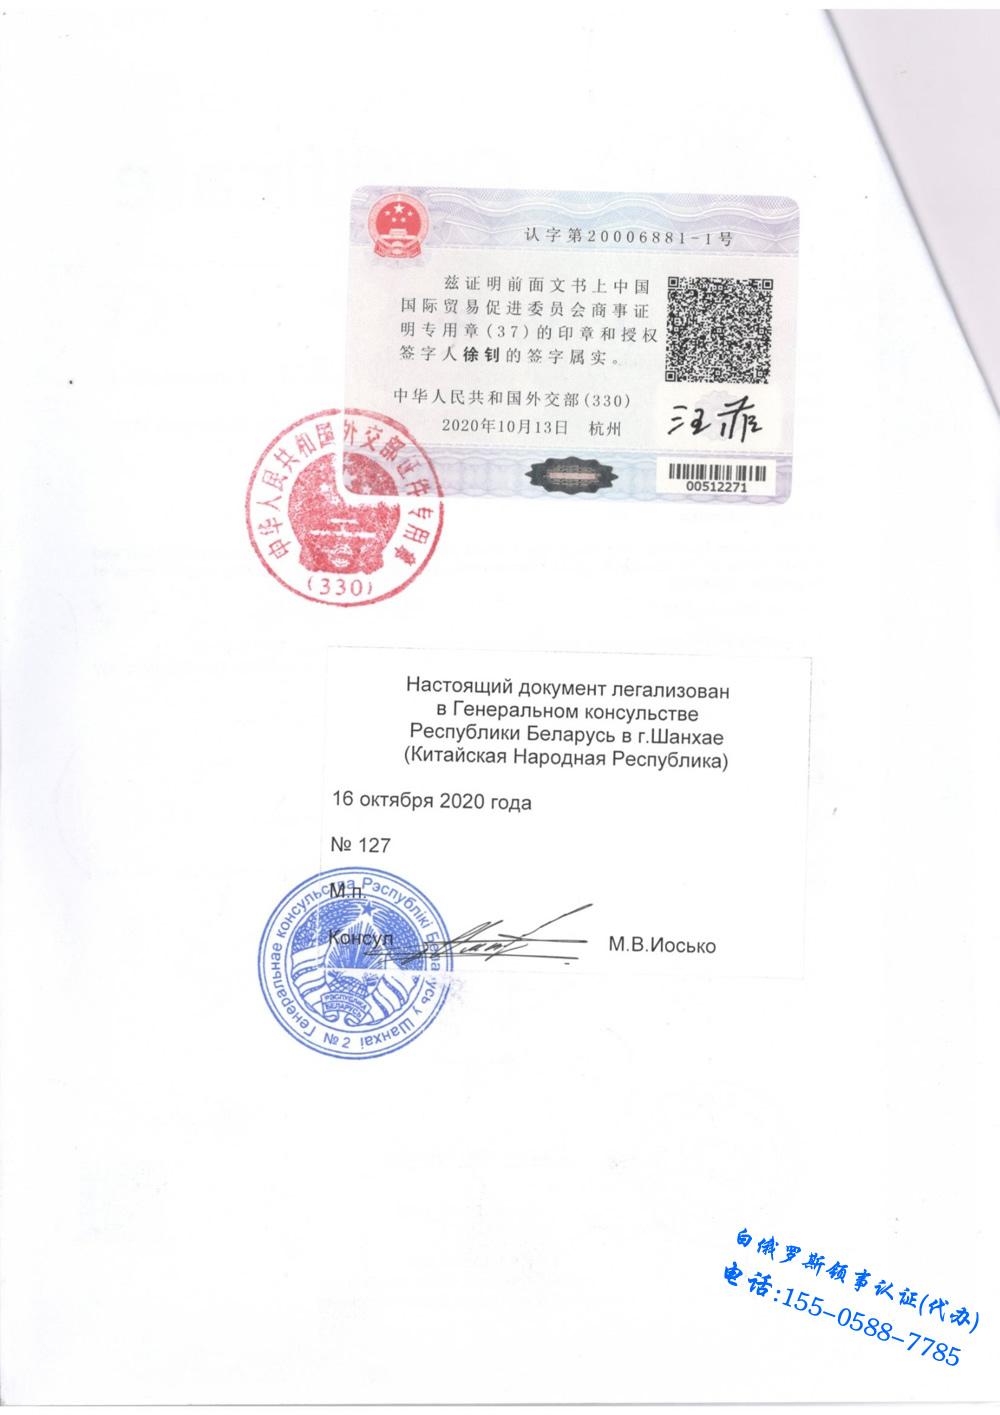 白俄罗斯领事认证